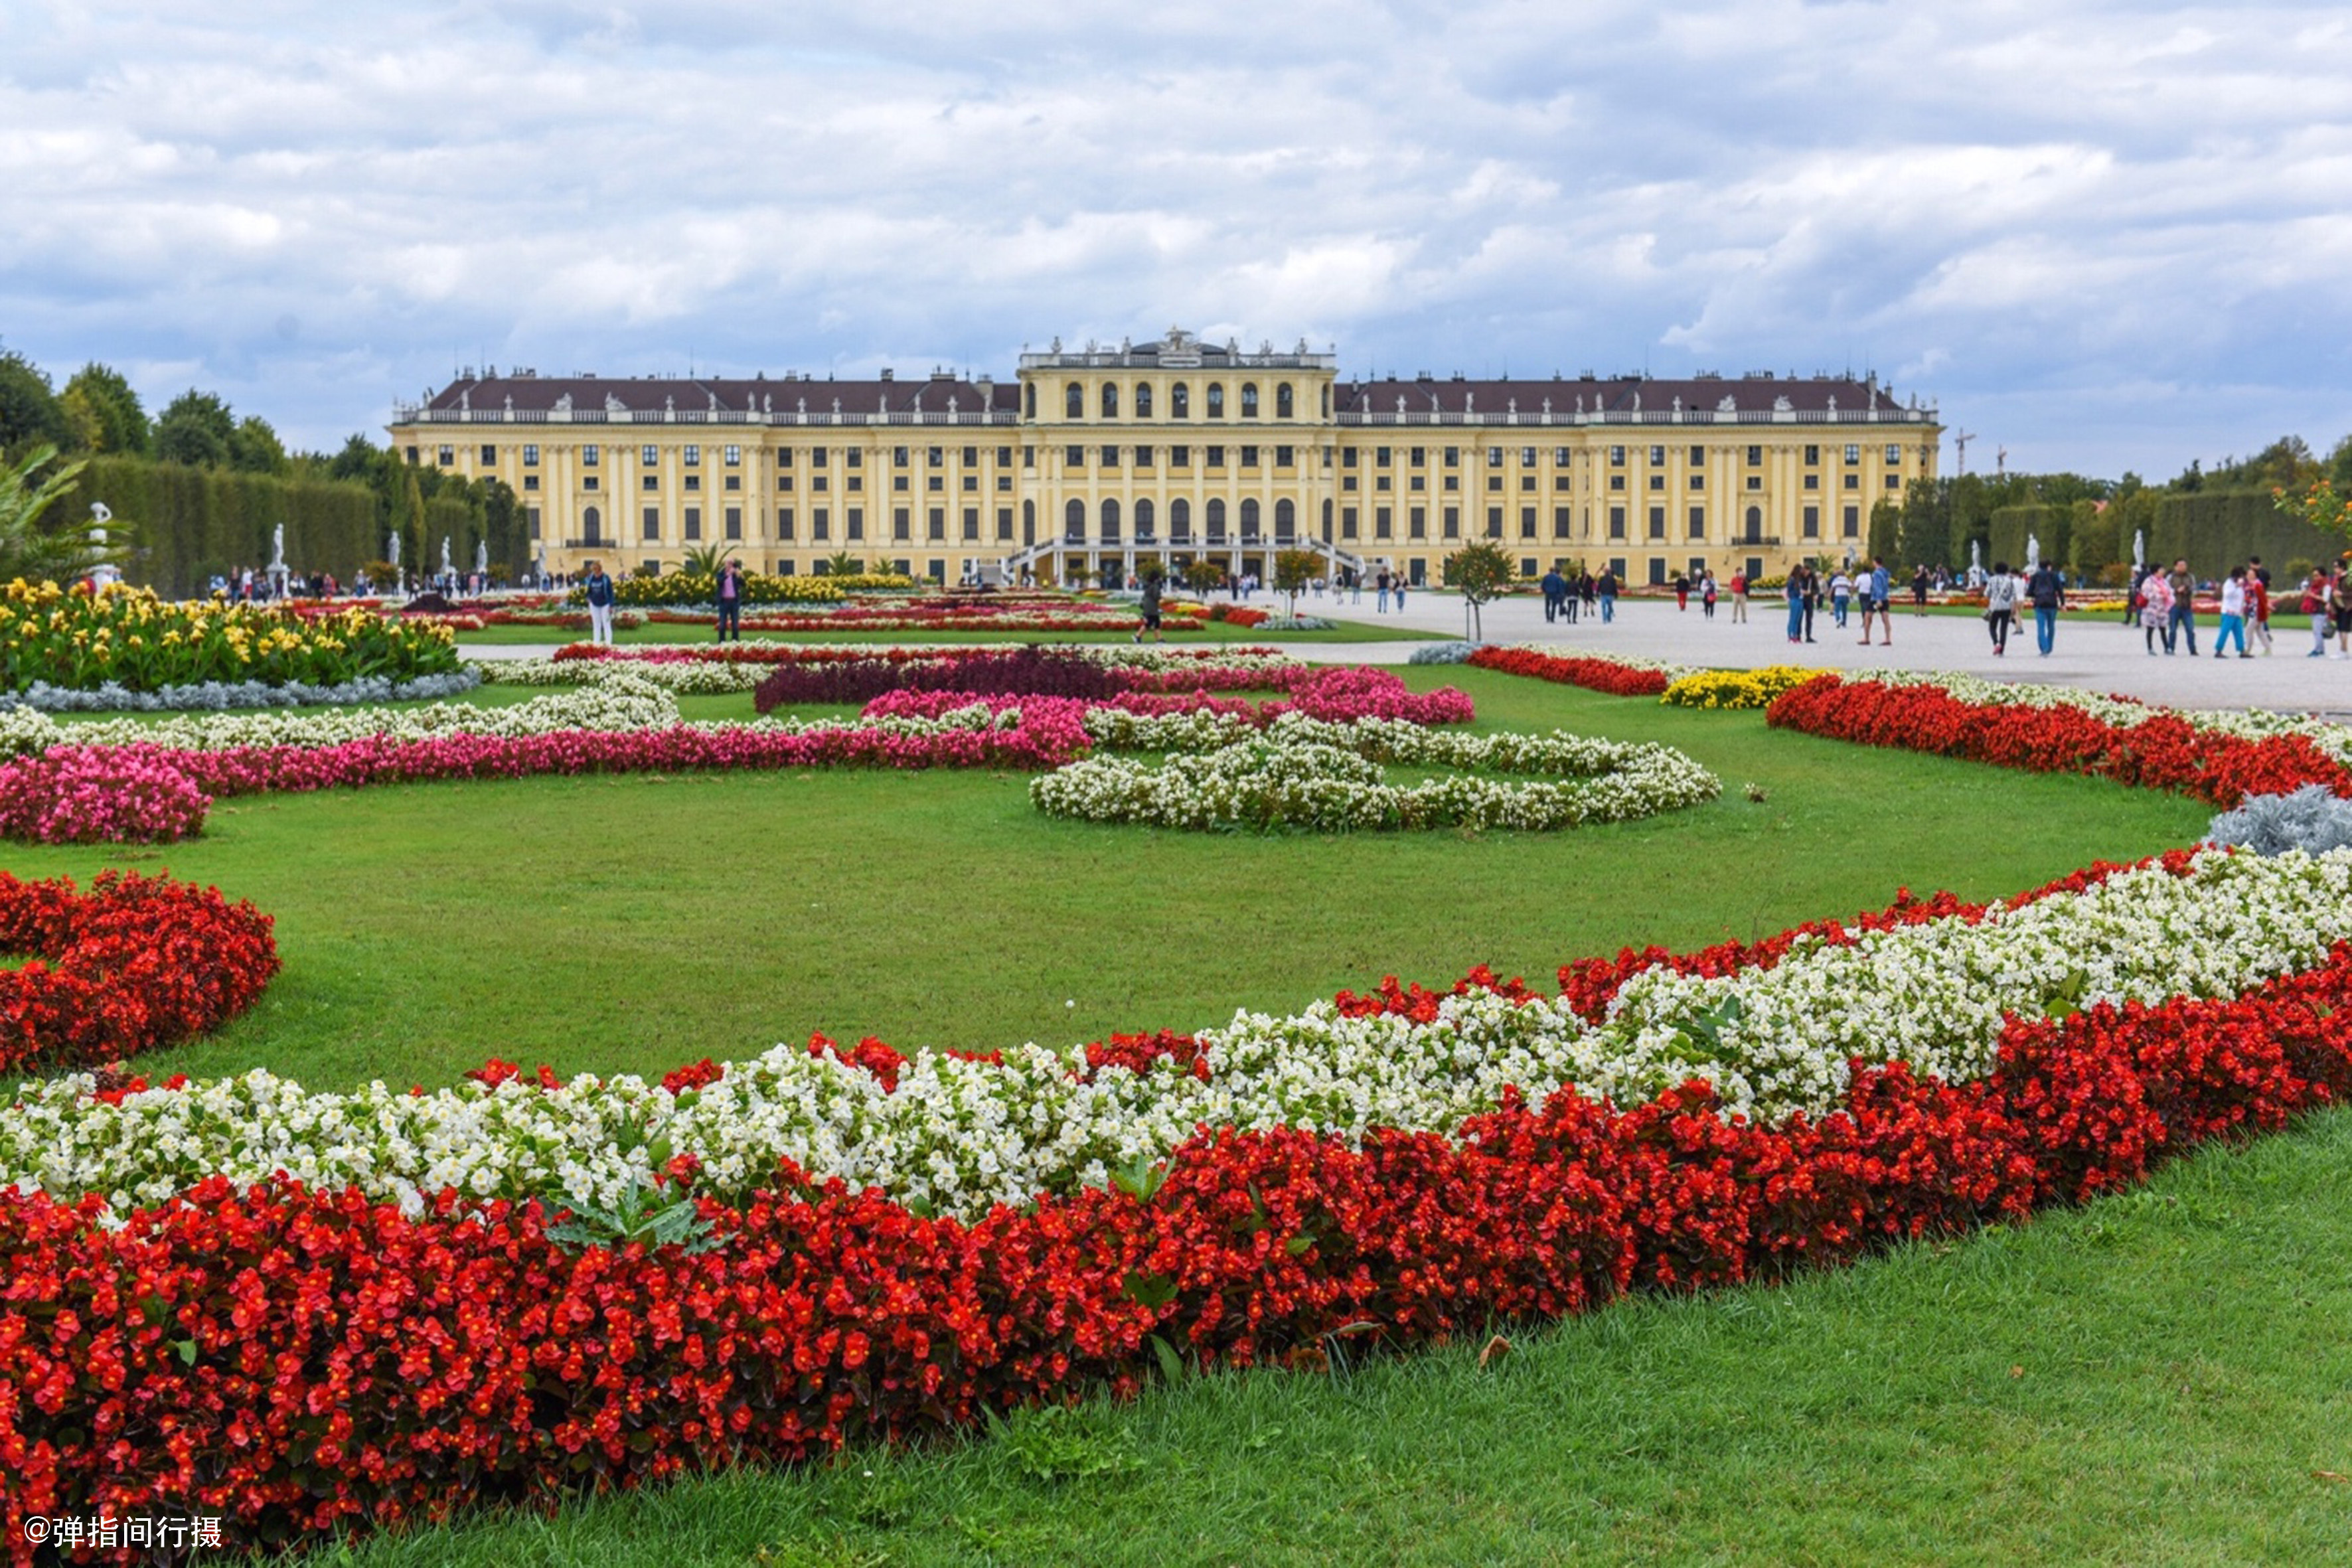 全球最美的5座宫殿,第1座游客最多,第5座海拔最高最神秘